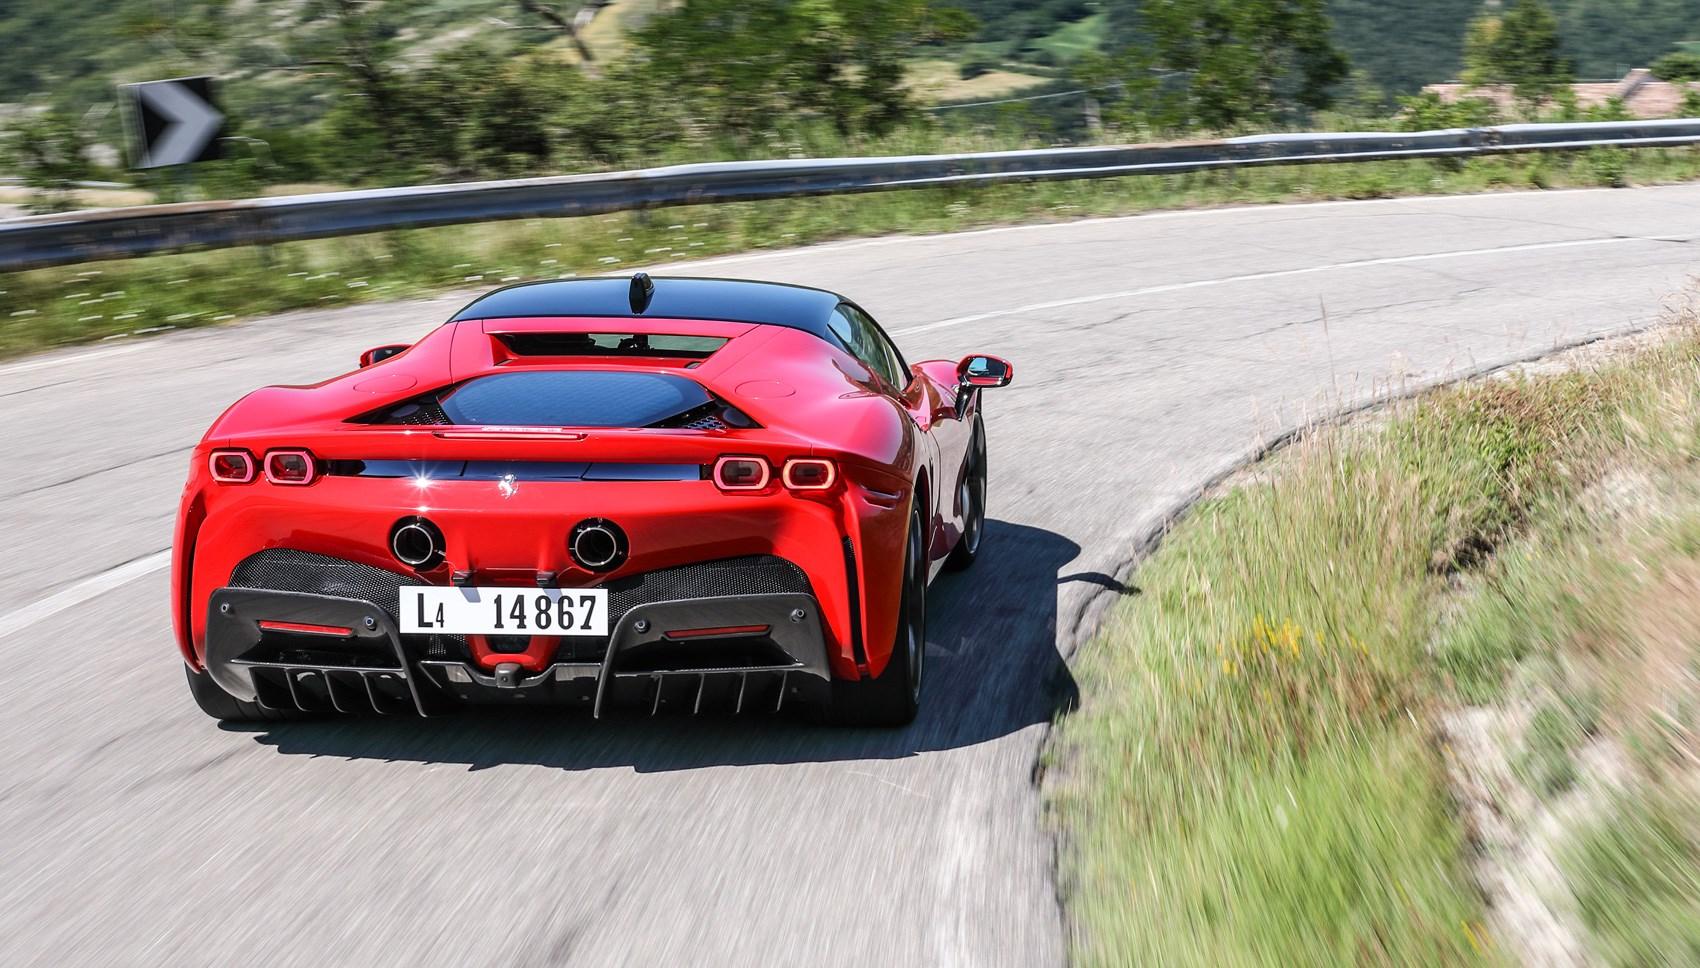 sf90 rear cornering